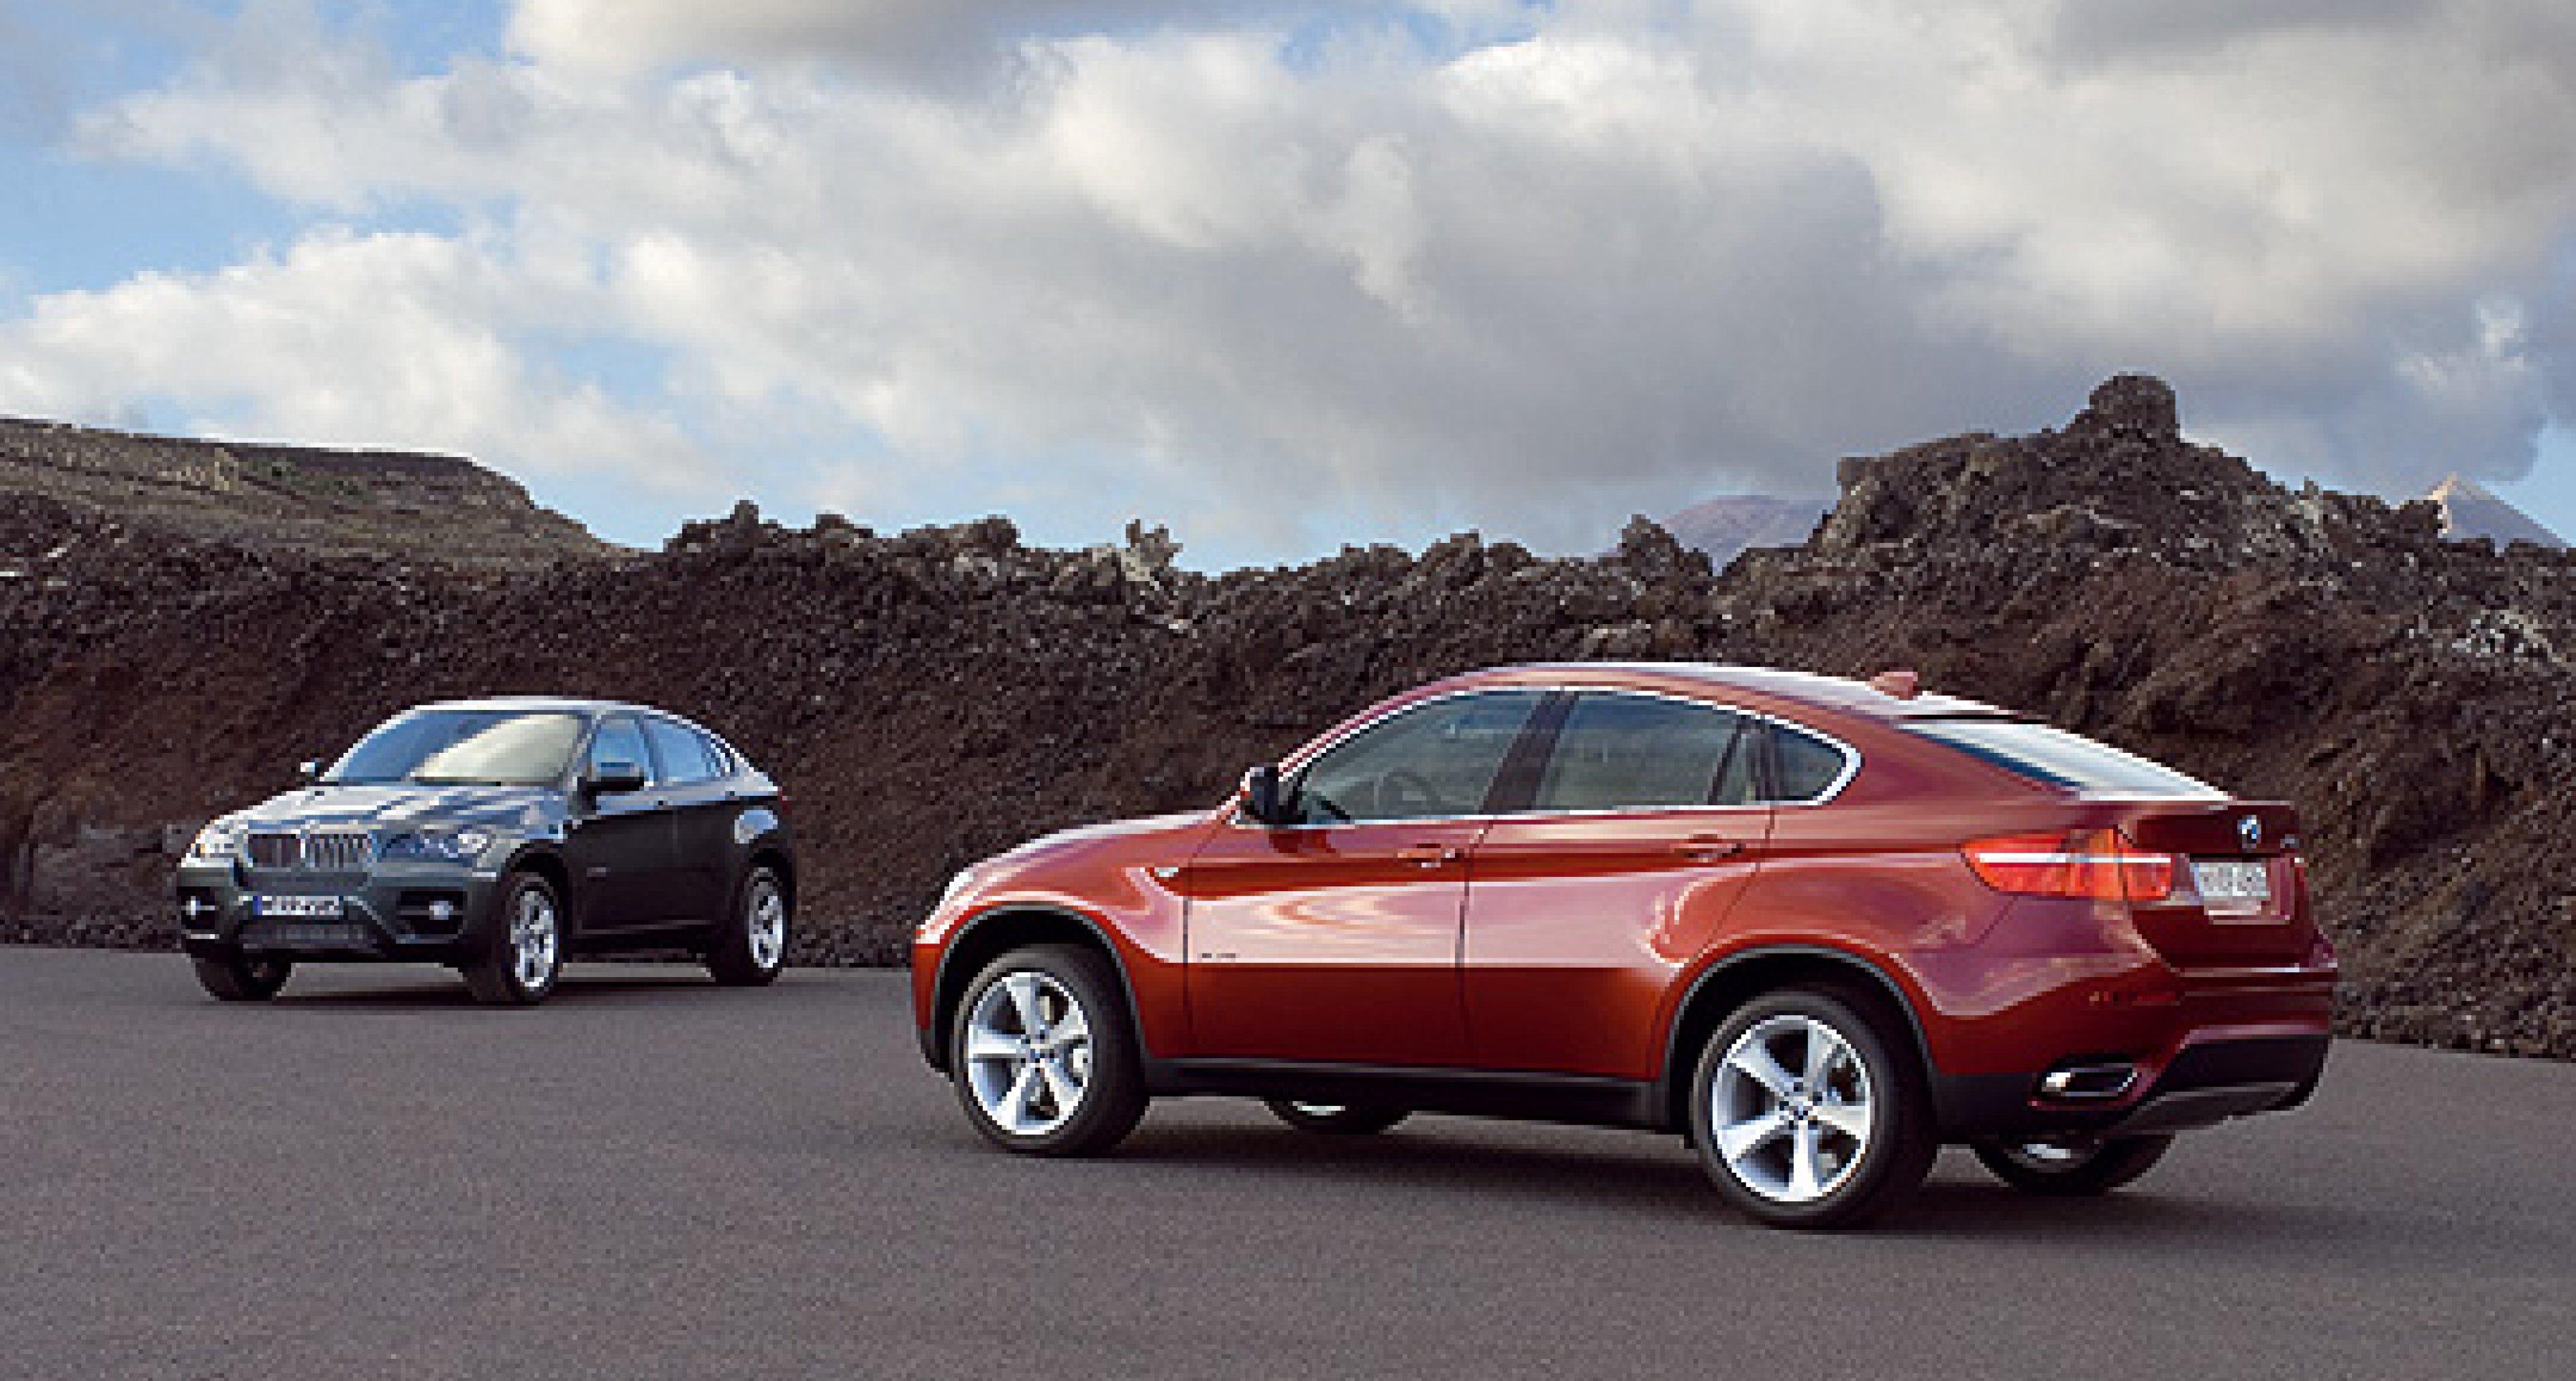 BMW X6: Sports Activity Coupé No. 1